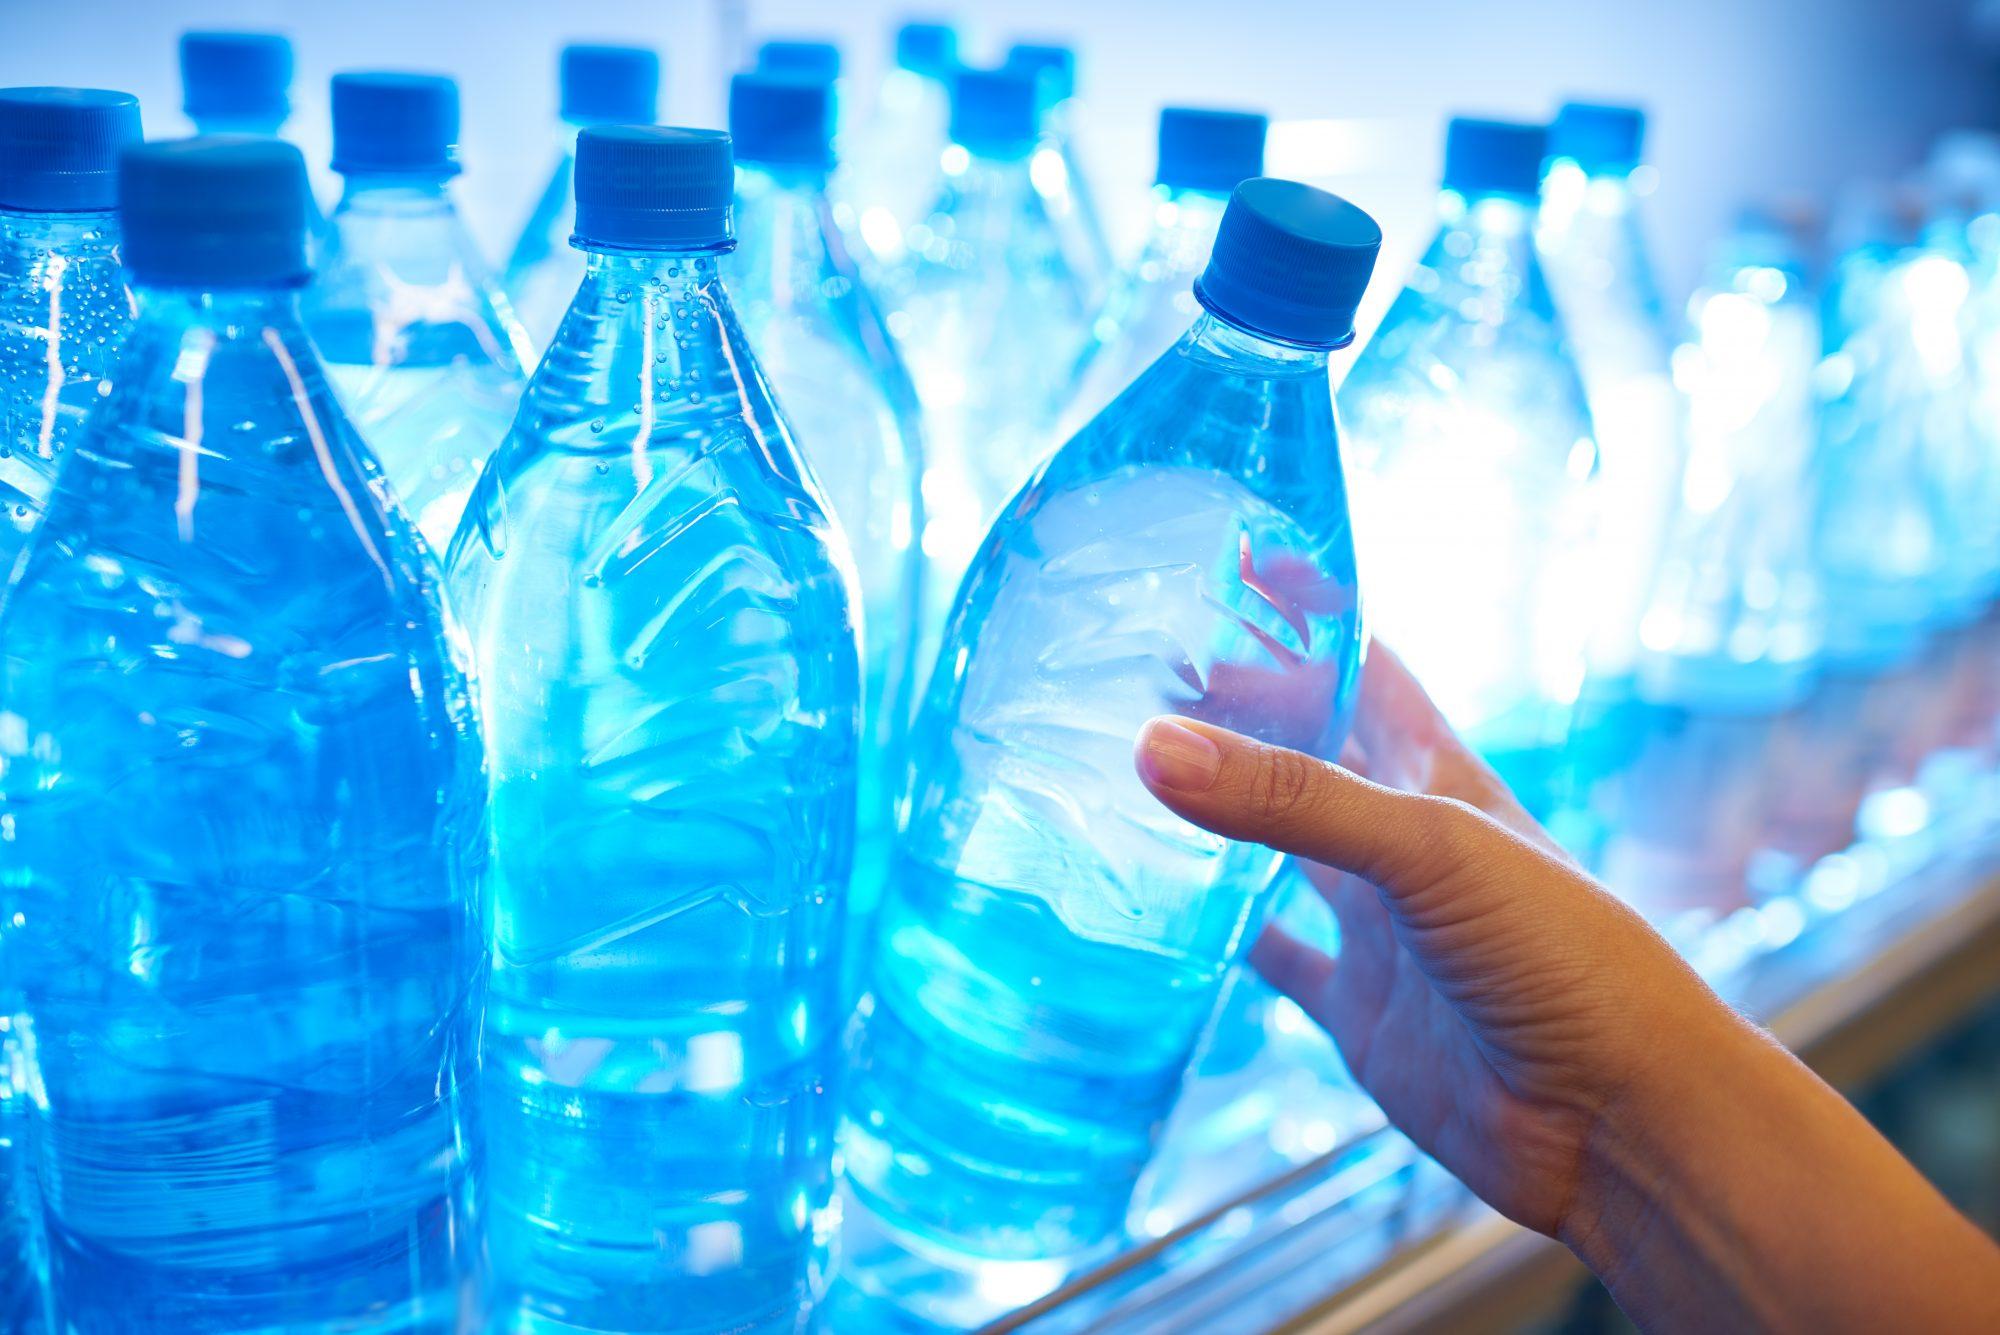 062620_Getty Bottled Water